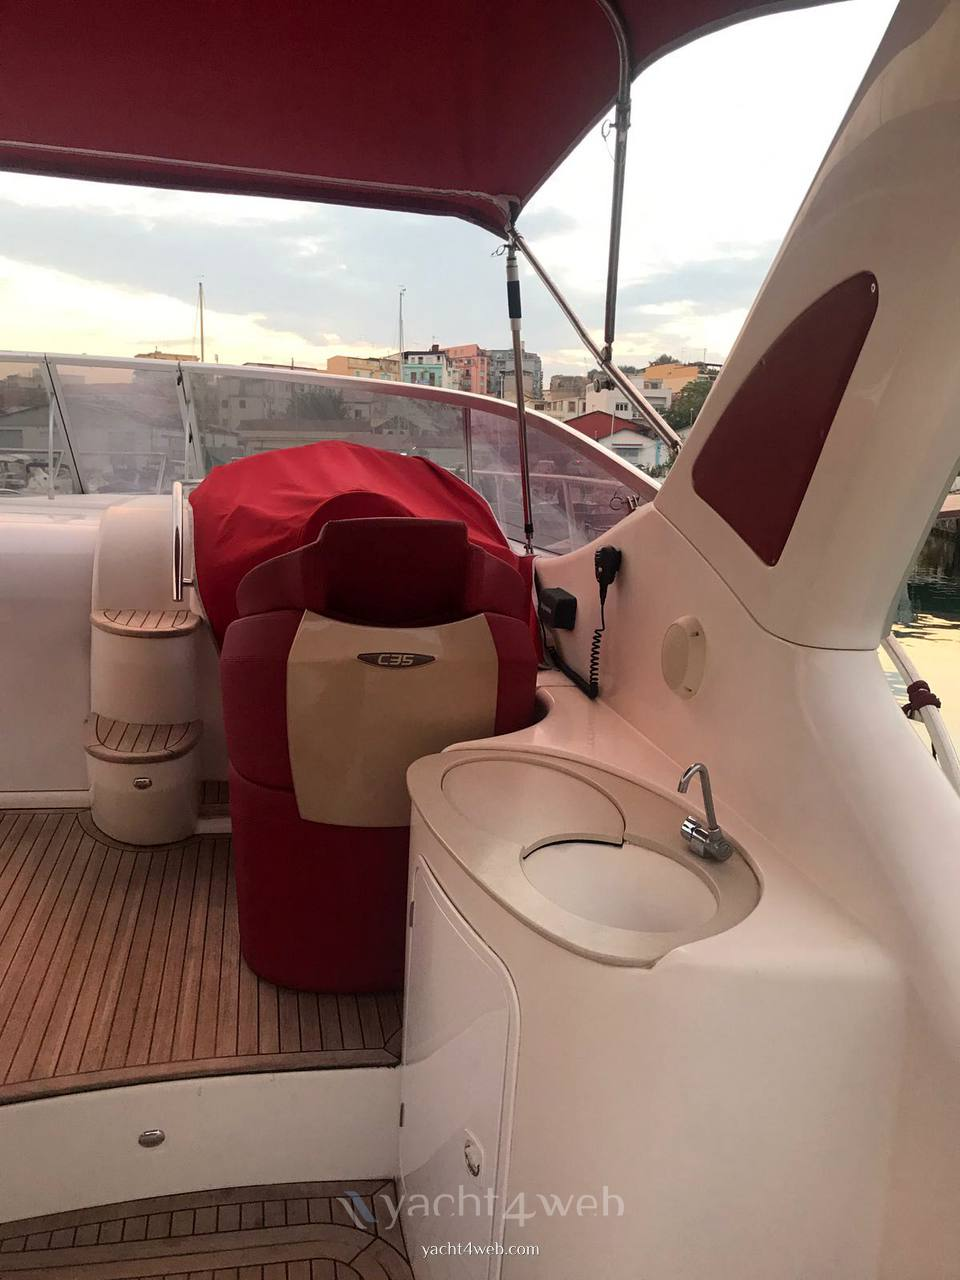 Sessa Marine Sessa c35 Motor boat used for sale